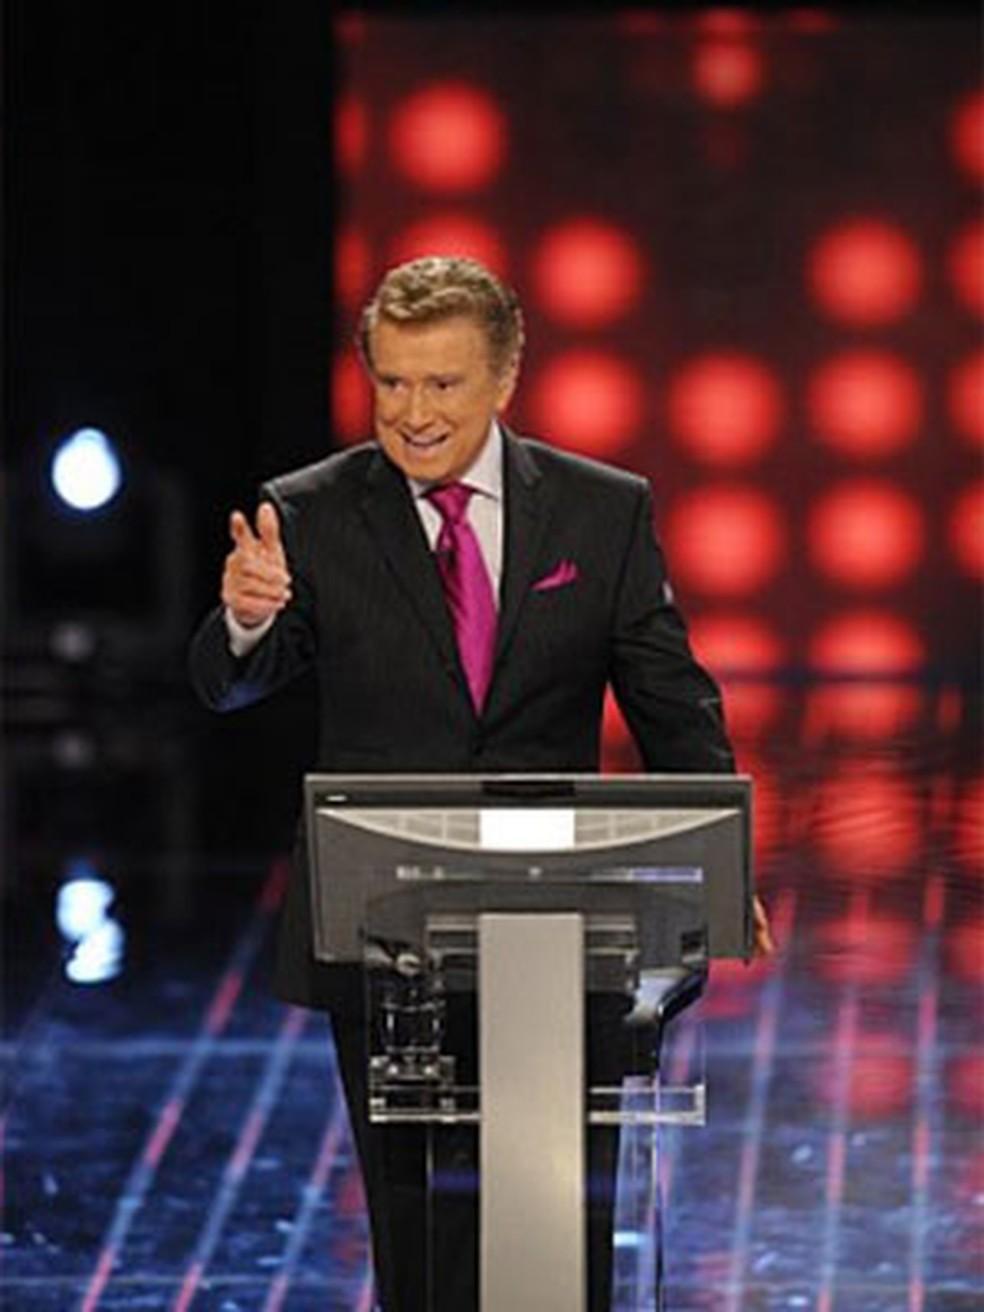 Regis Philbin, o apresentador de 'Quem quer ser um milionário' nos EUA. — Foto: Divulgação